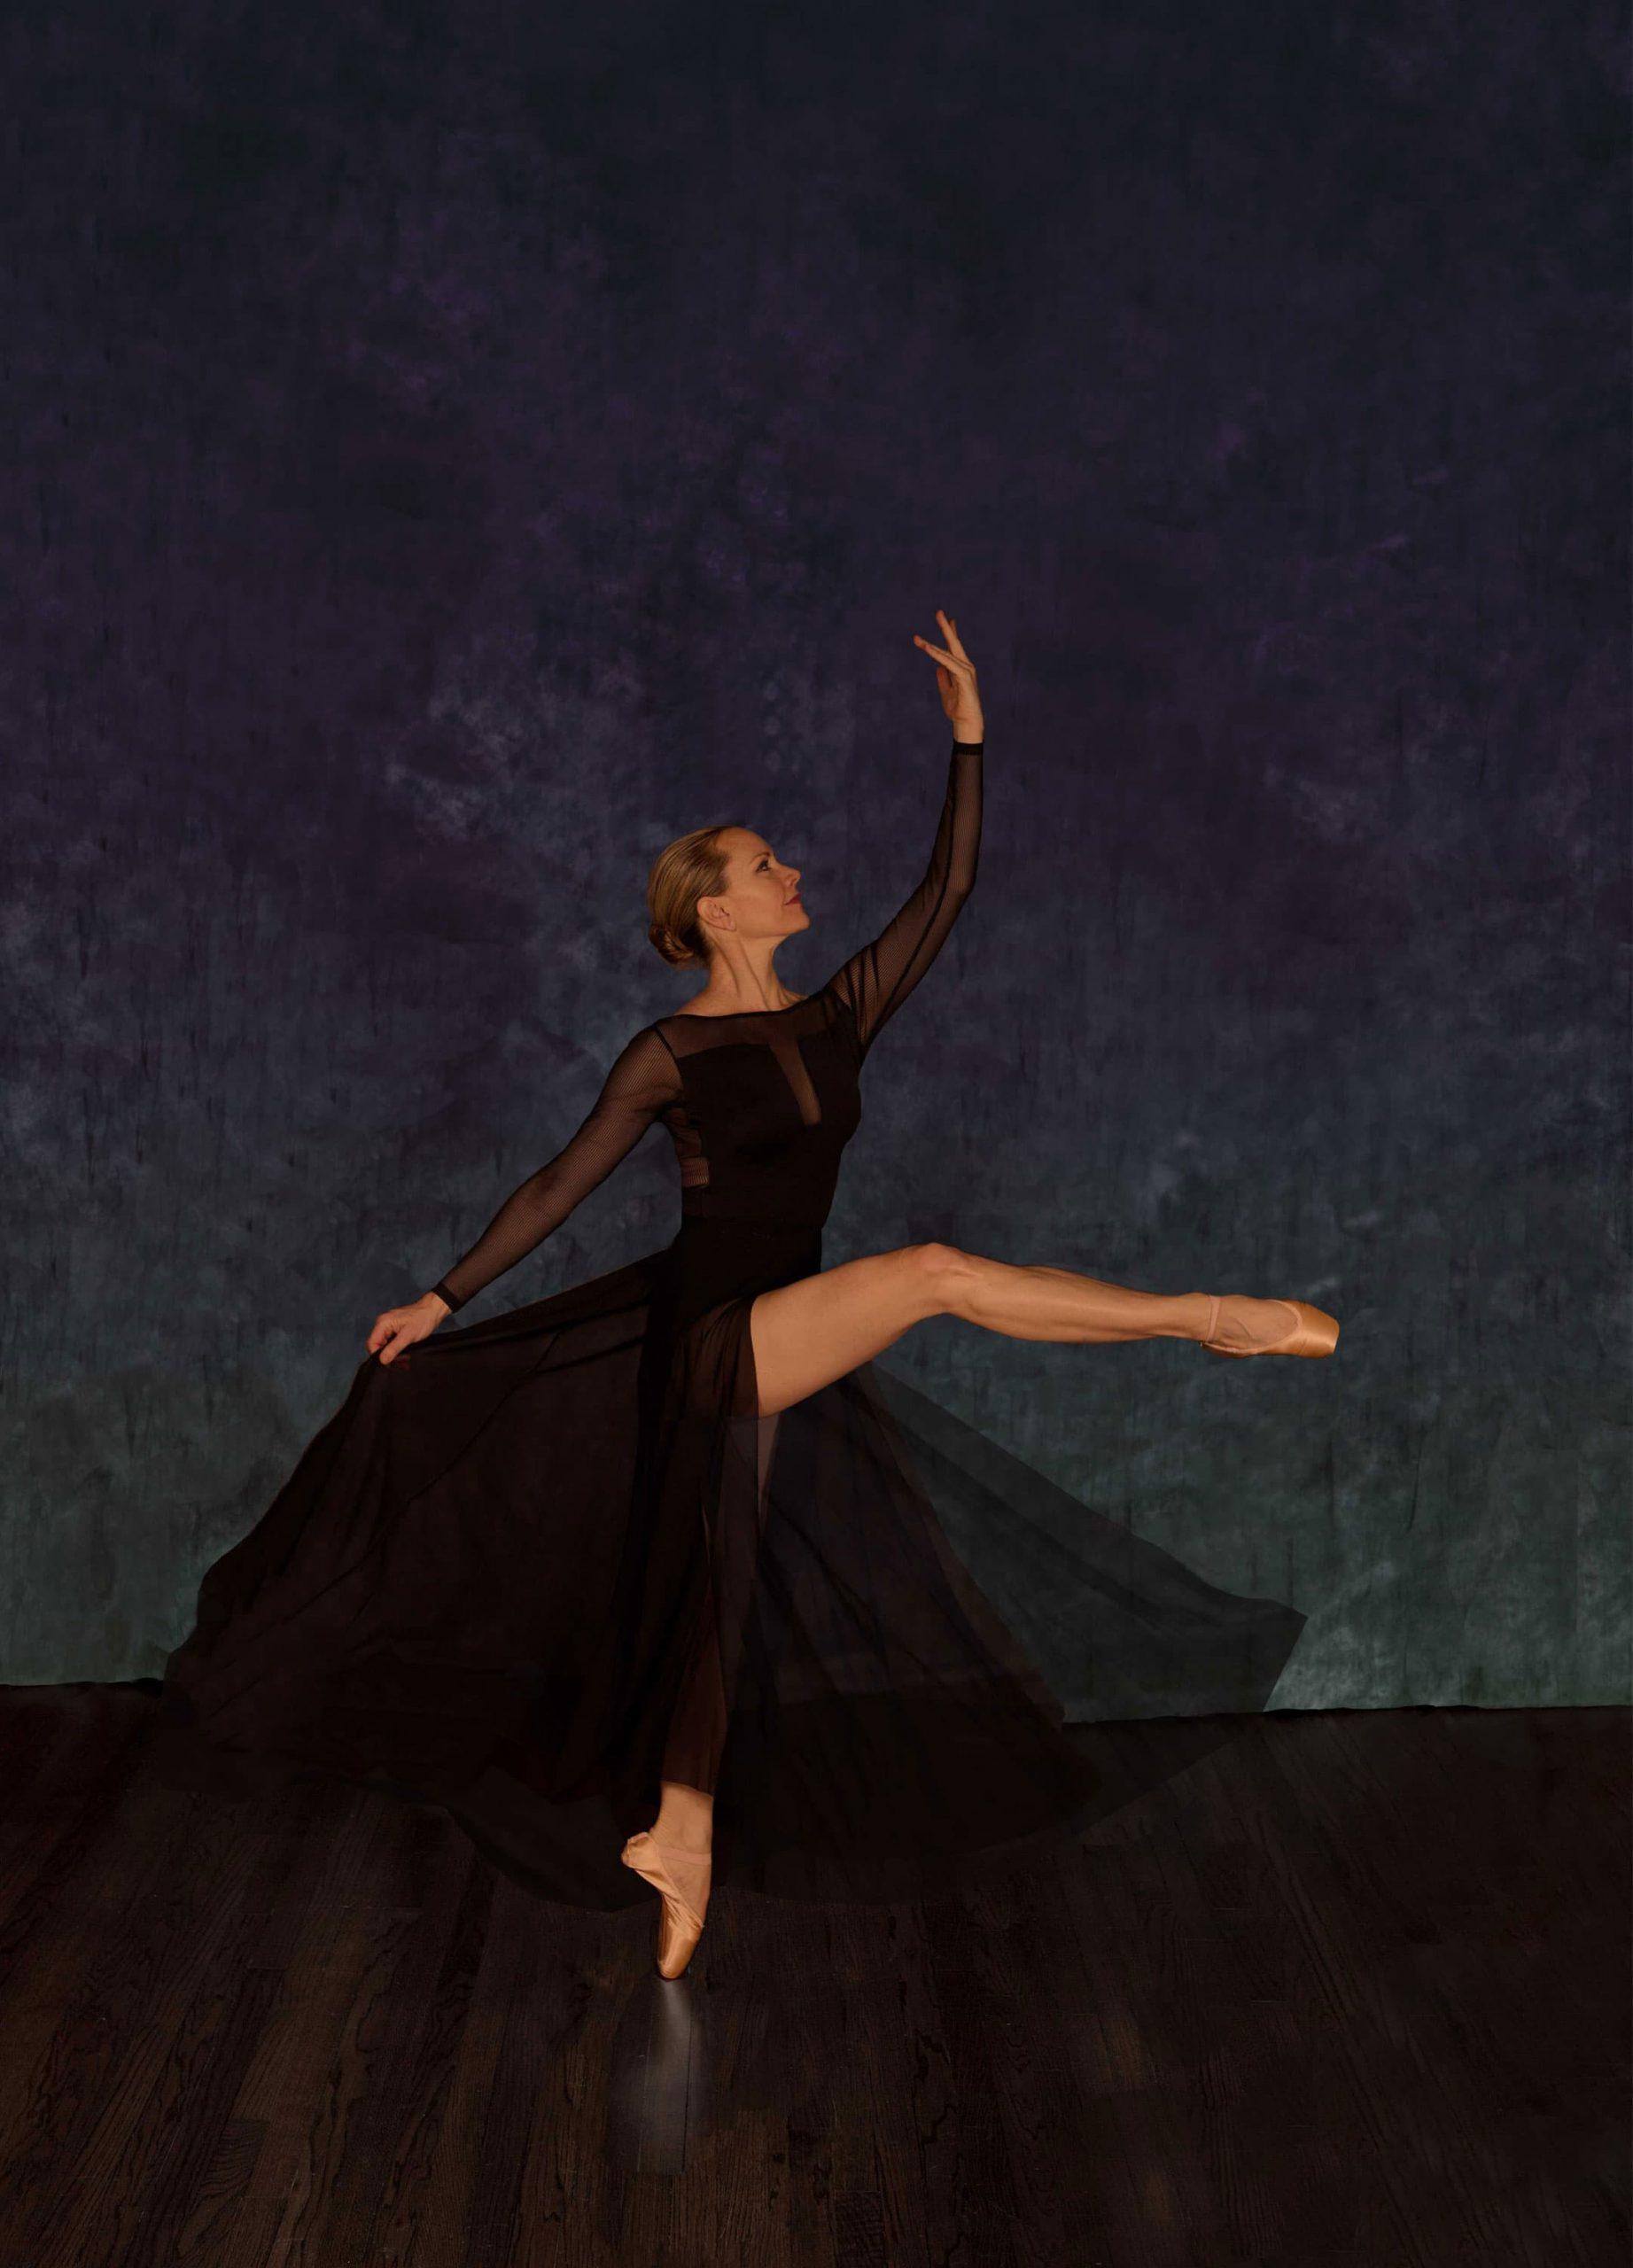 Nikki at 50 attitude ballet